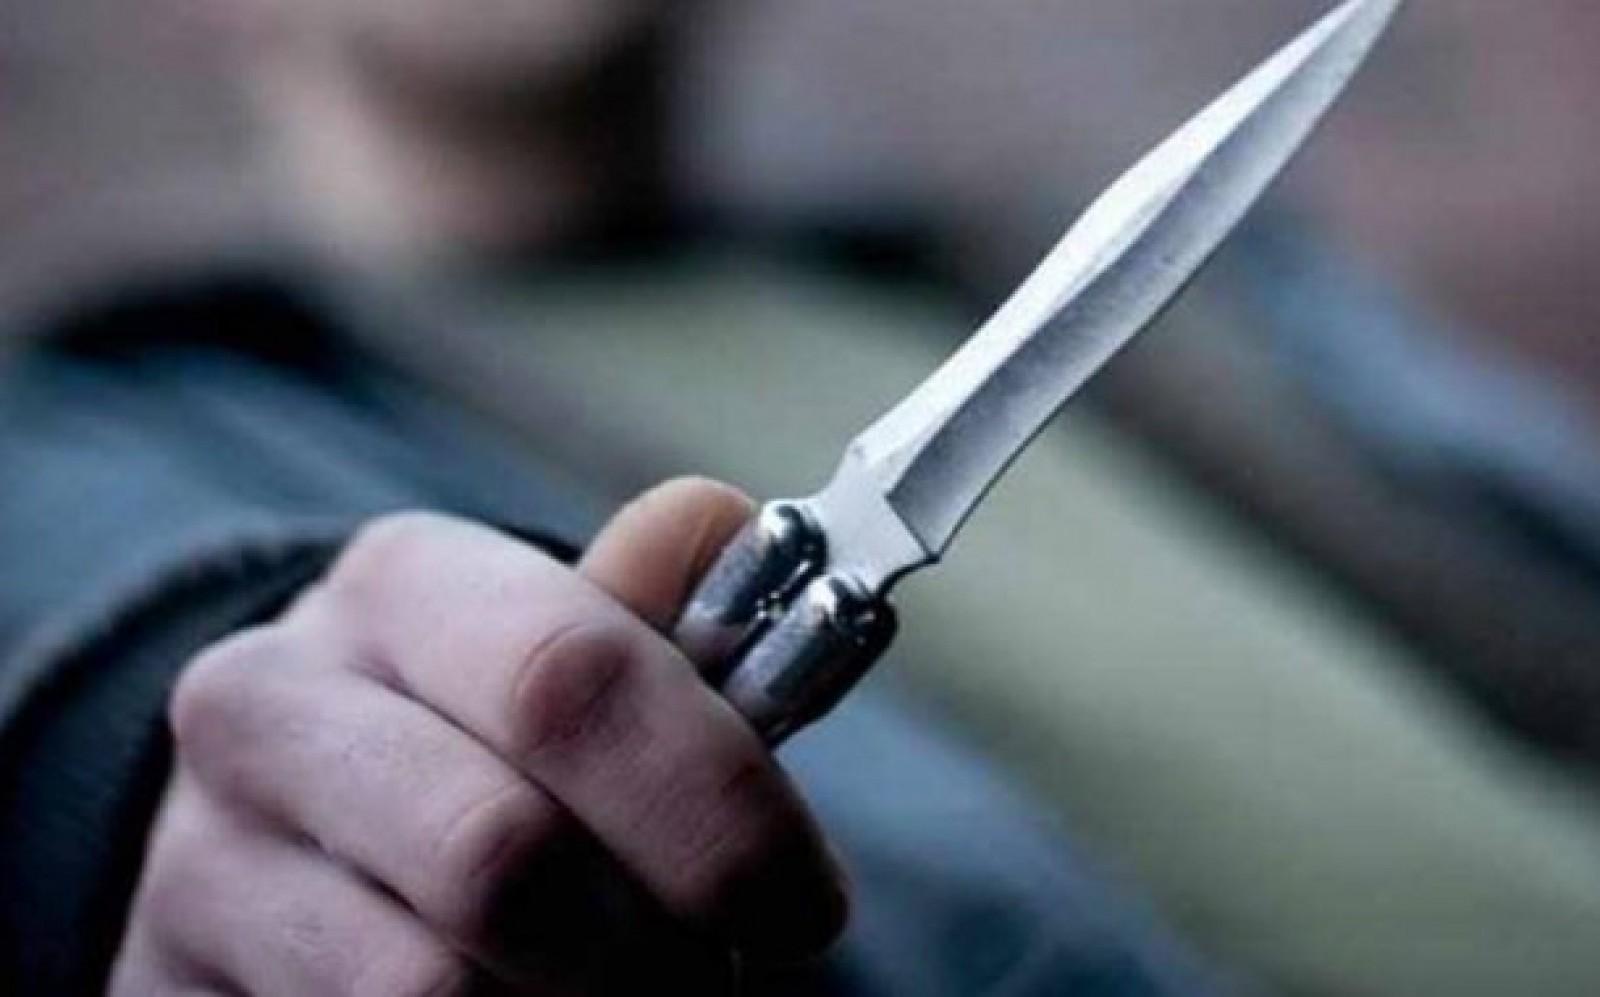 Un adolescent de 16 ani, reținut după ce a înjunghiat trei persoane la Drochia